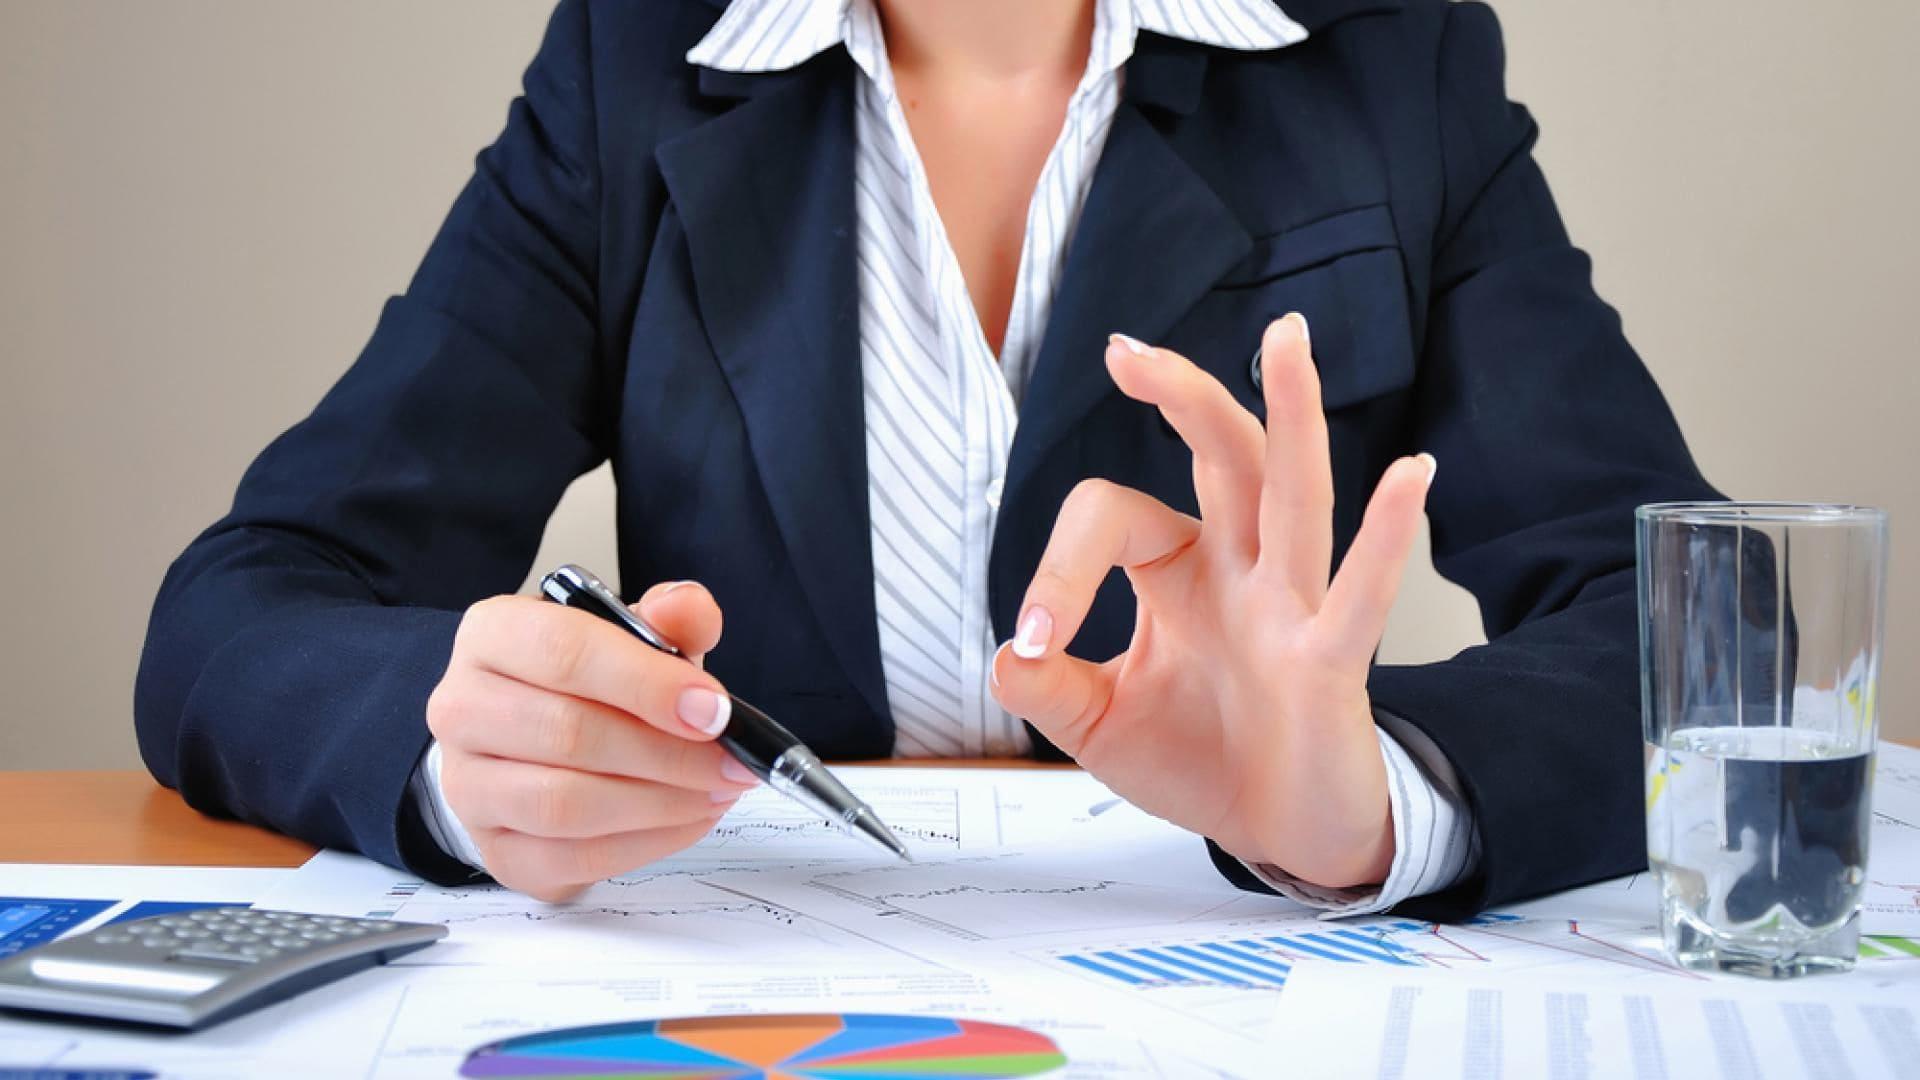 Выгодно ли получать консультацию по налогам от адвокатов?